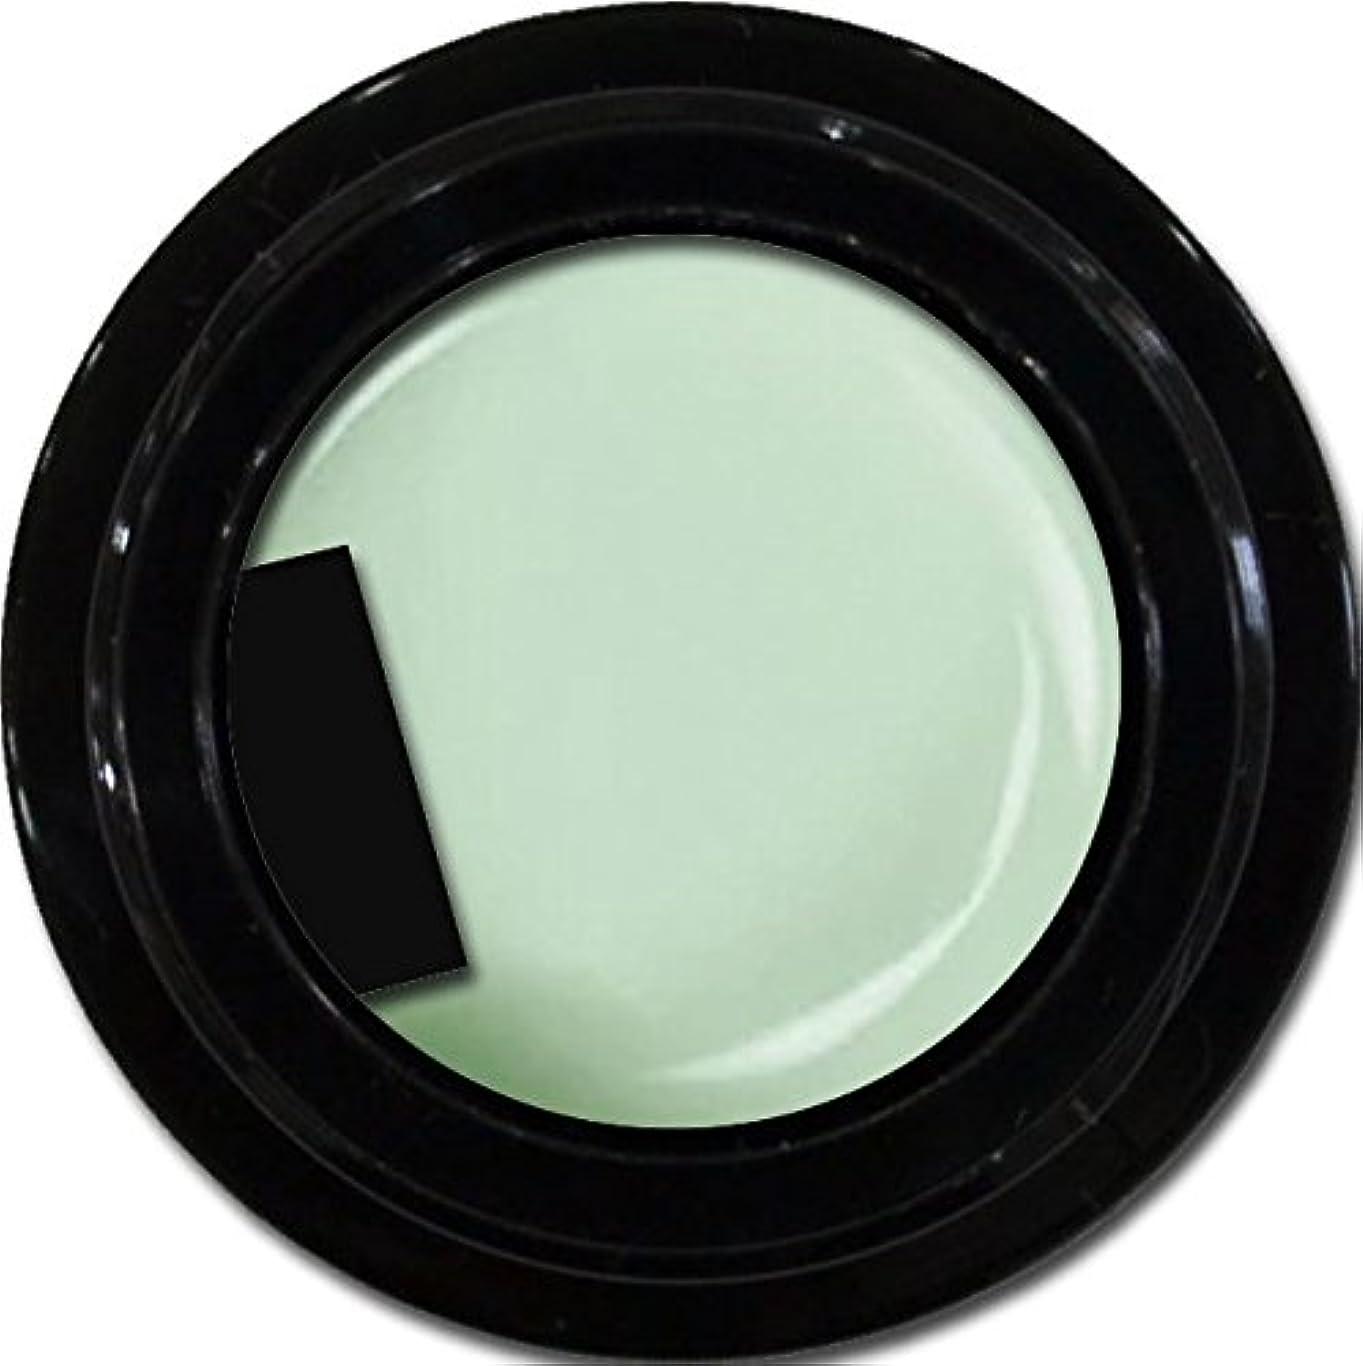 引っ張る側溝吹雪カラージェル enchant color gel M703 MintDesign 3g/ マットカラージェル M703 ミントデザイン 3グラム